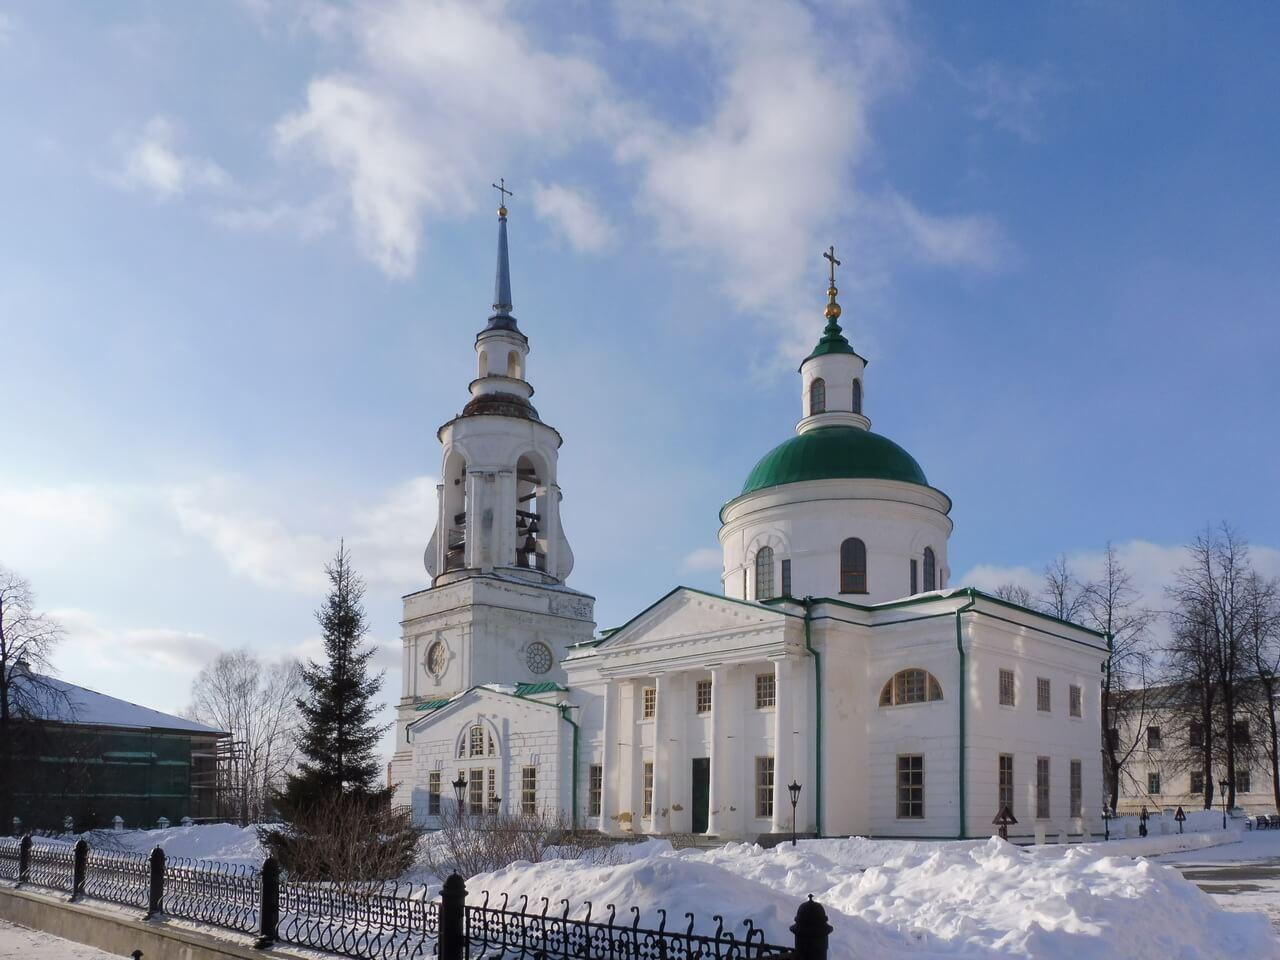 Преображенская церковь, Верхотурье, Меркушино, храмы Свердловской области